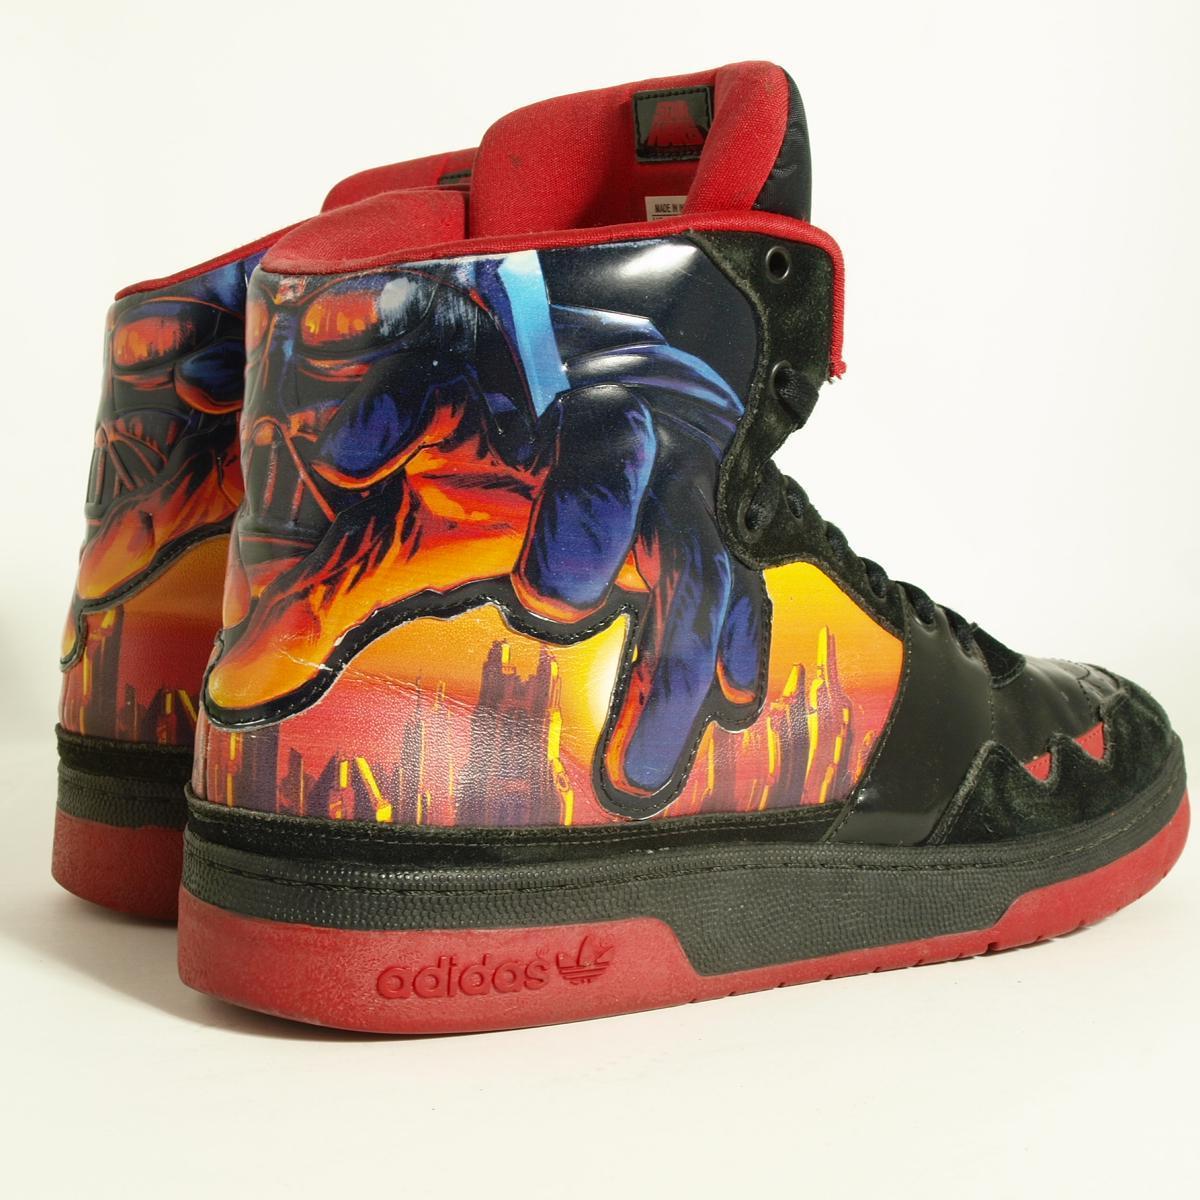 阿迪达斯星球大战科洛桑天际线中期运动鞋 US12 男装 30.0 厘米阿迪达斯 /boj4543 160806